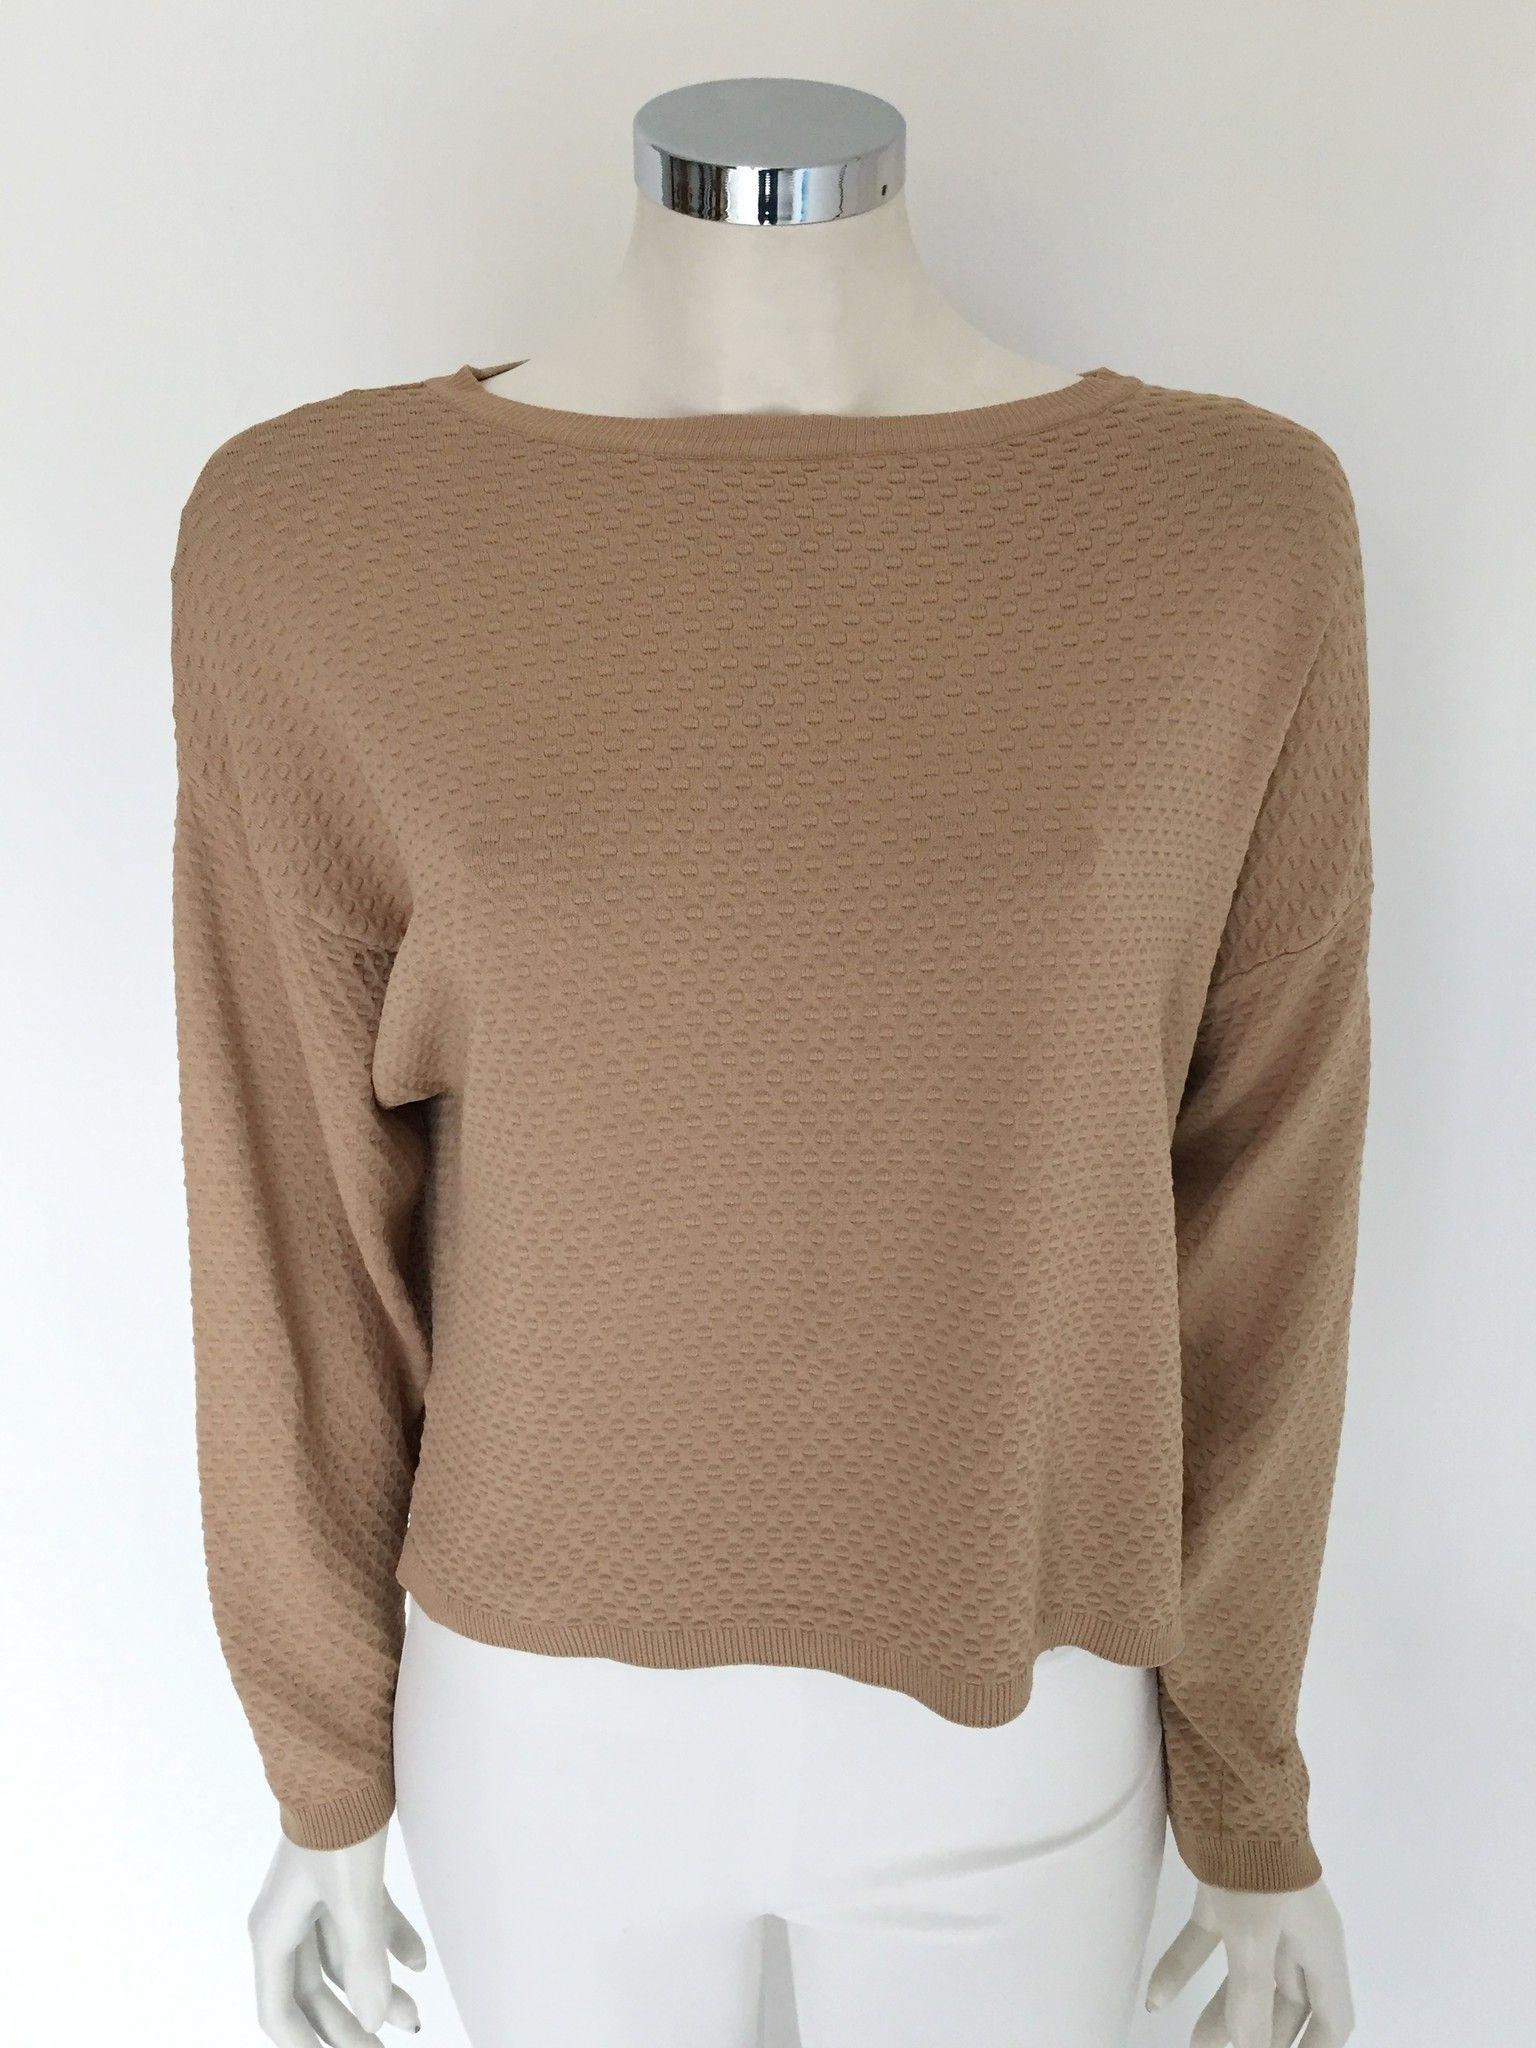 LadyBug Holed Sweater Cod.3629